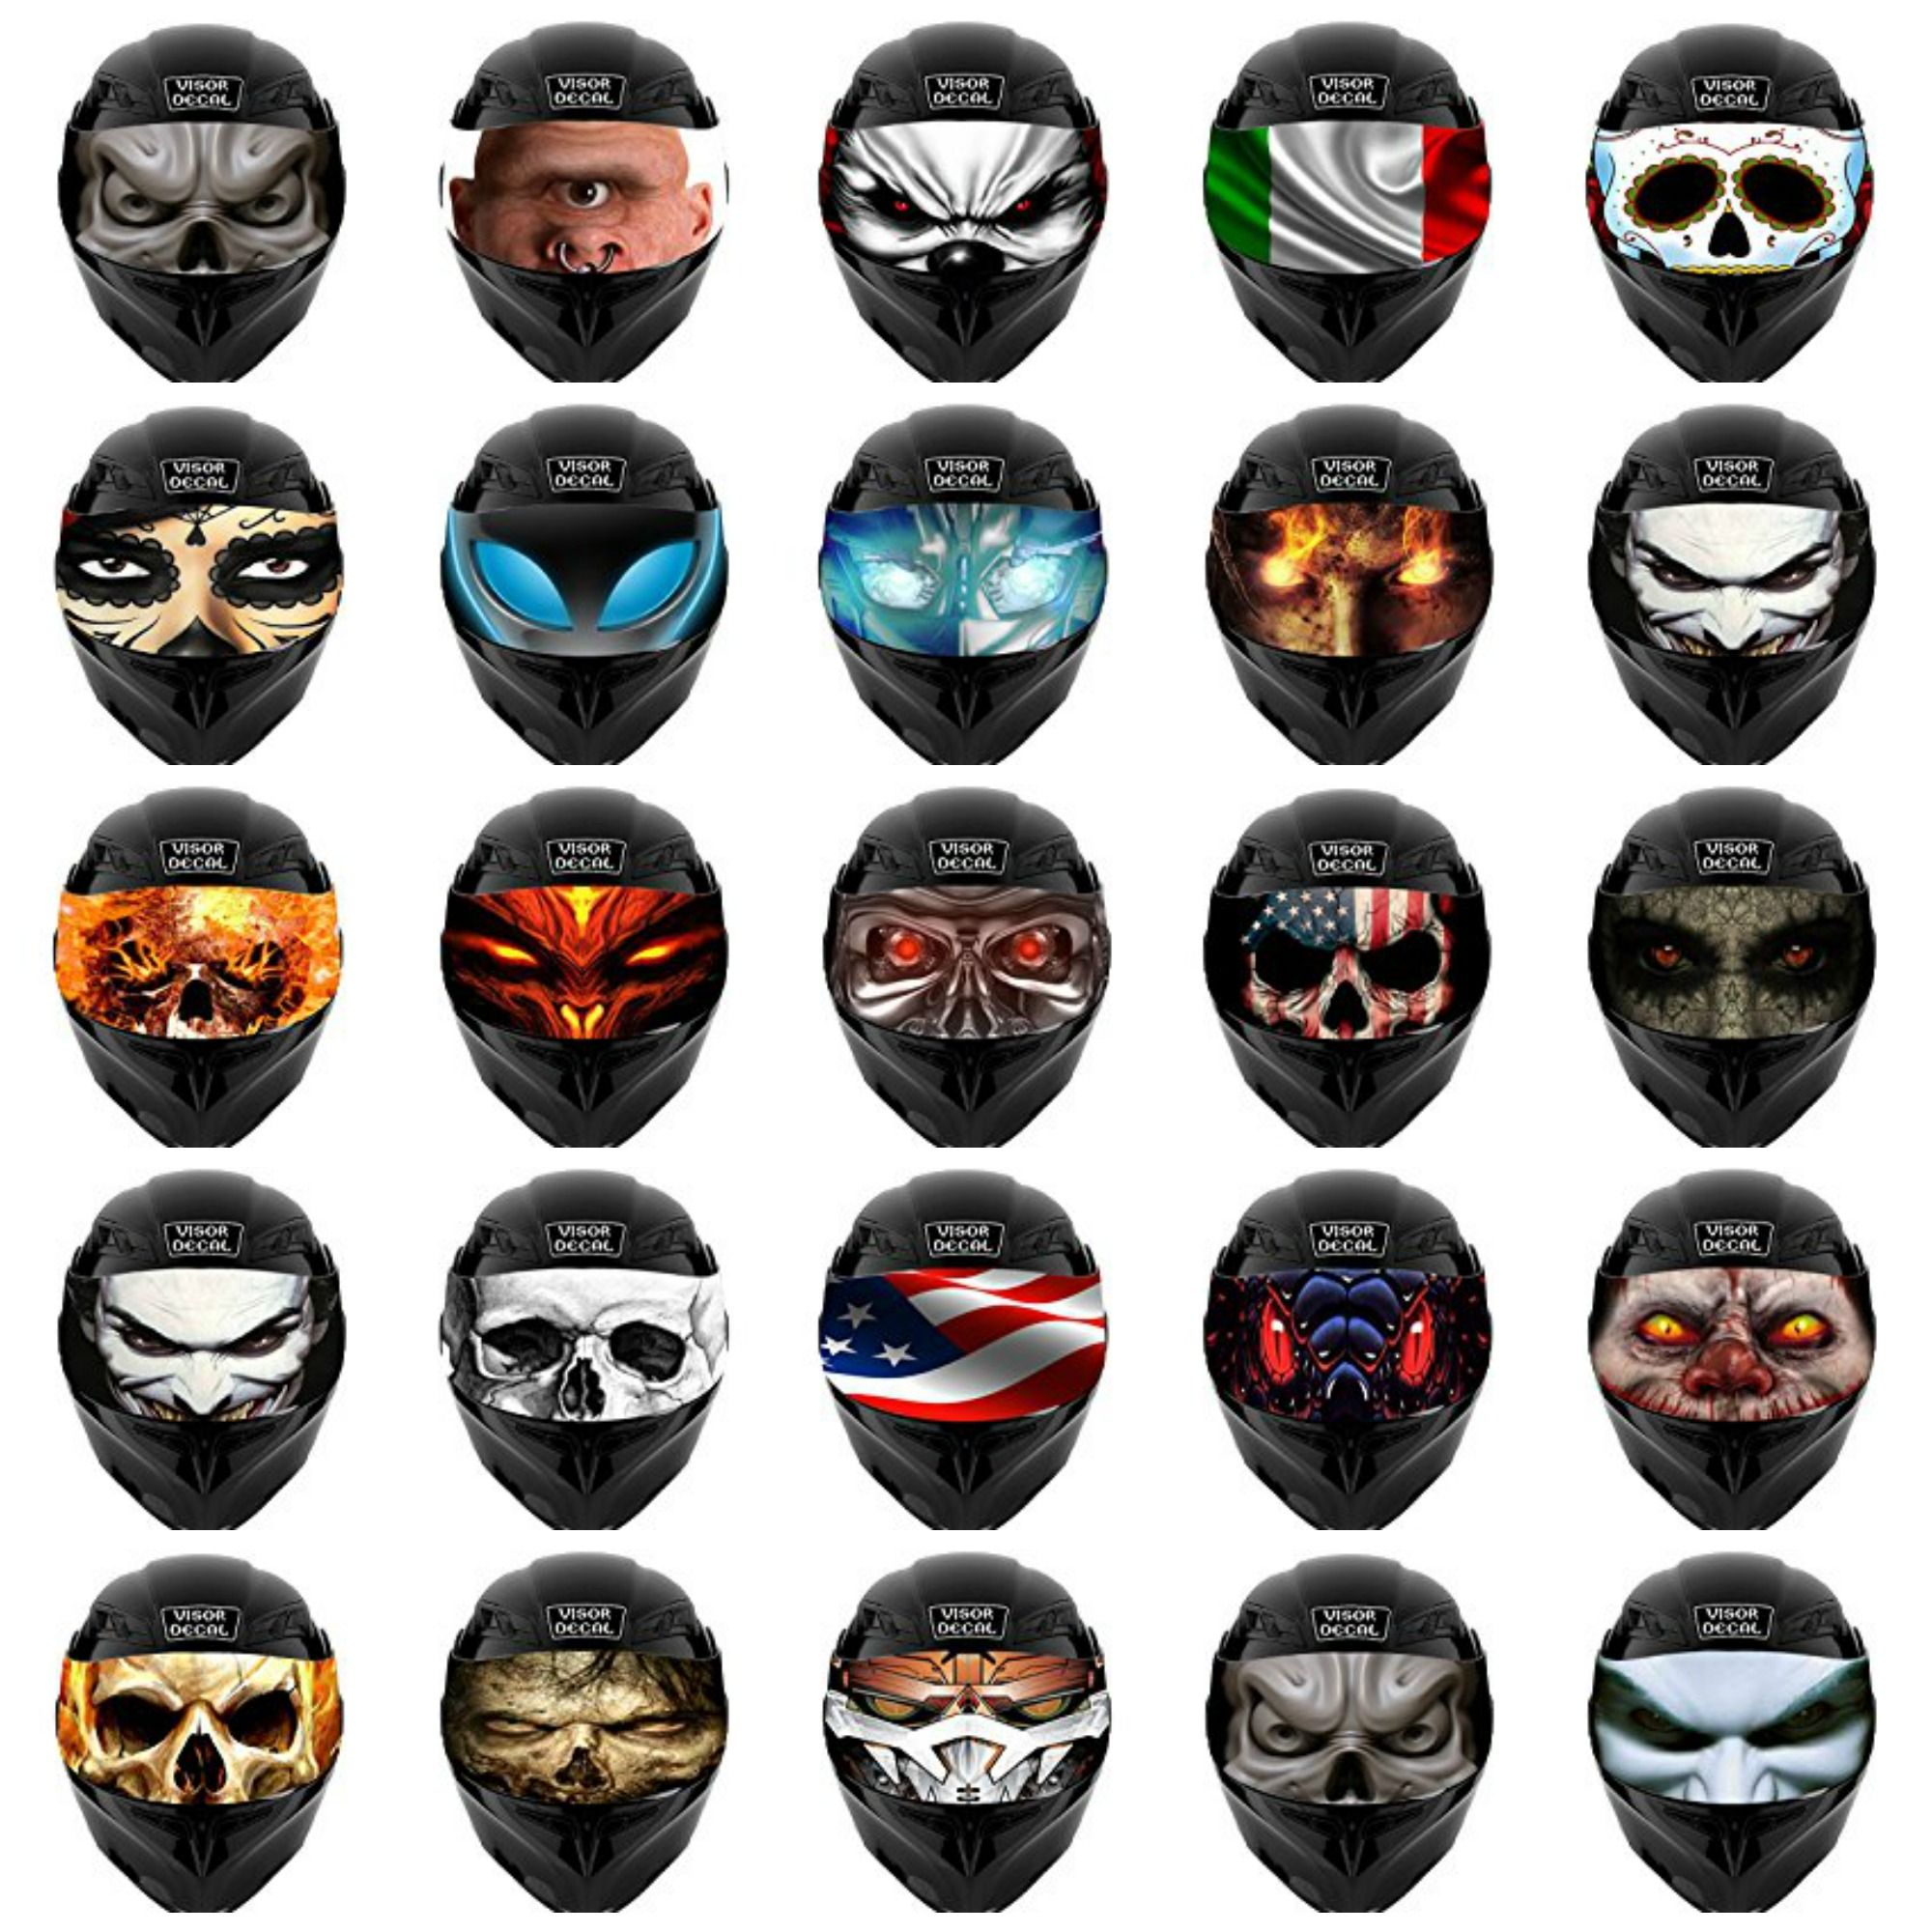 Motorcycle Helmet Visor Decals Motorcycle Helmet Visor Helmet - Motorcycle helmet decals and stickers